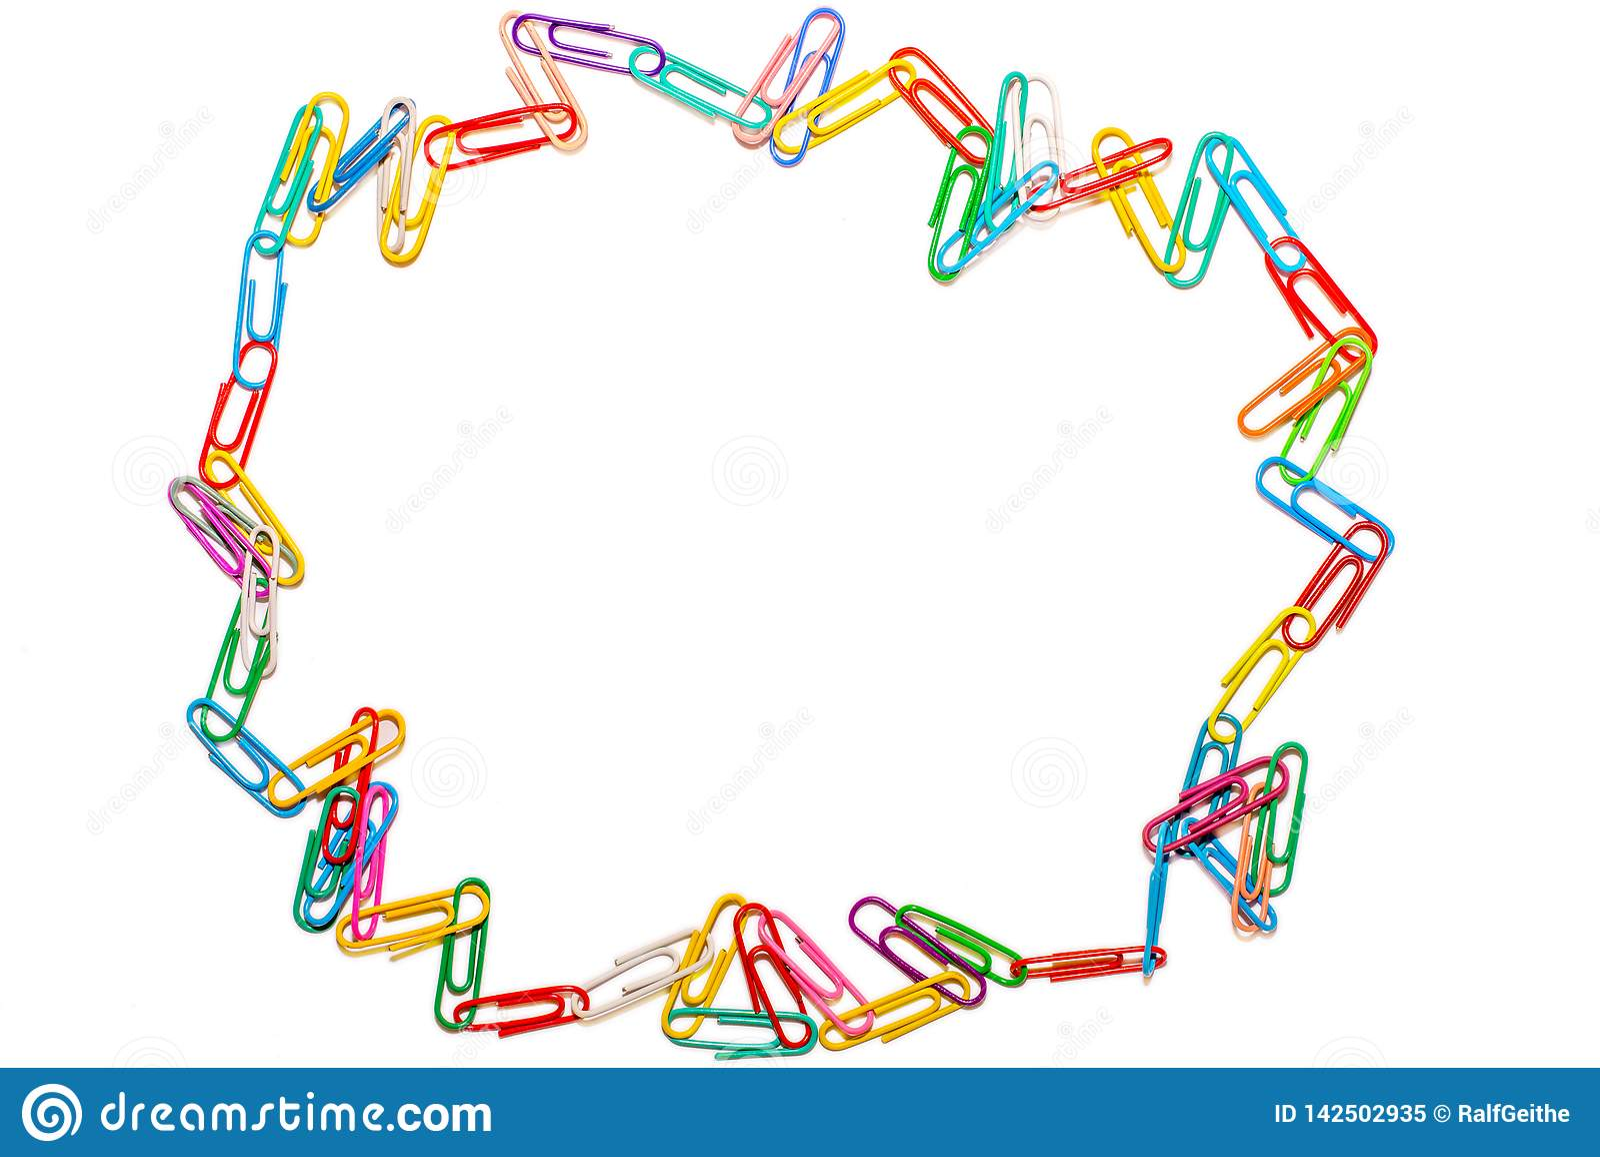 Círculo salvaje de clips de papel coloreados en el fondo blanco